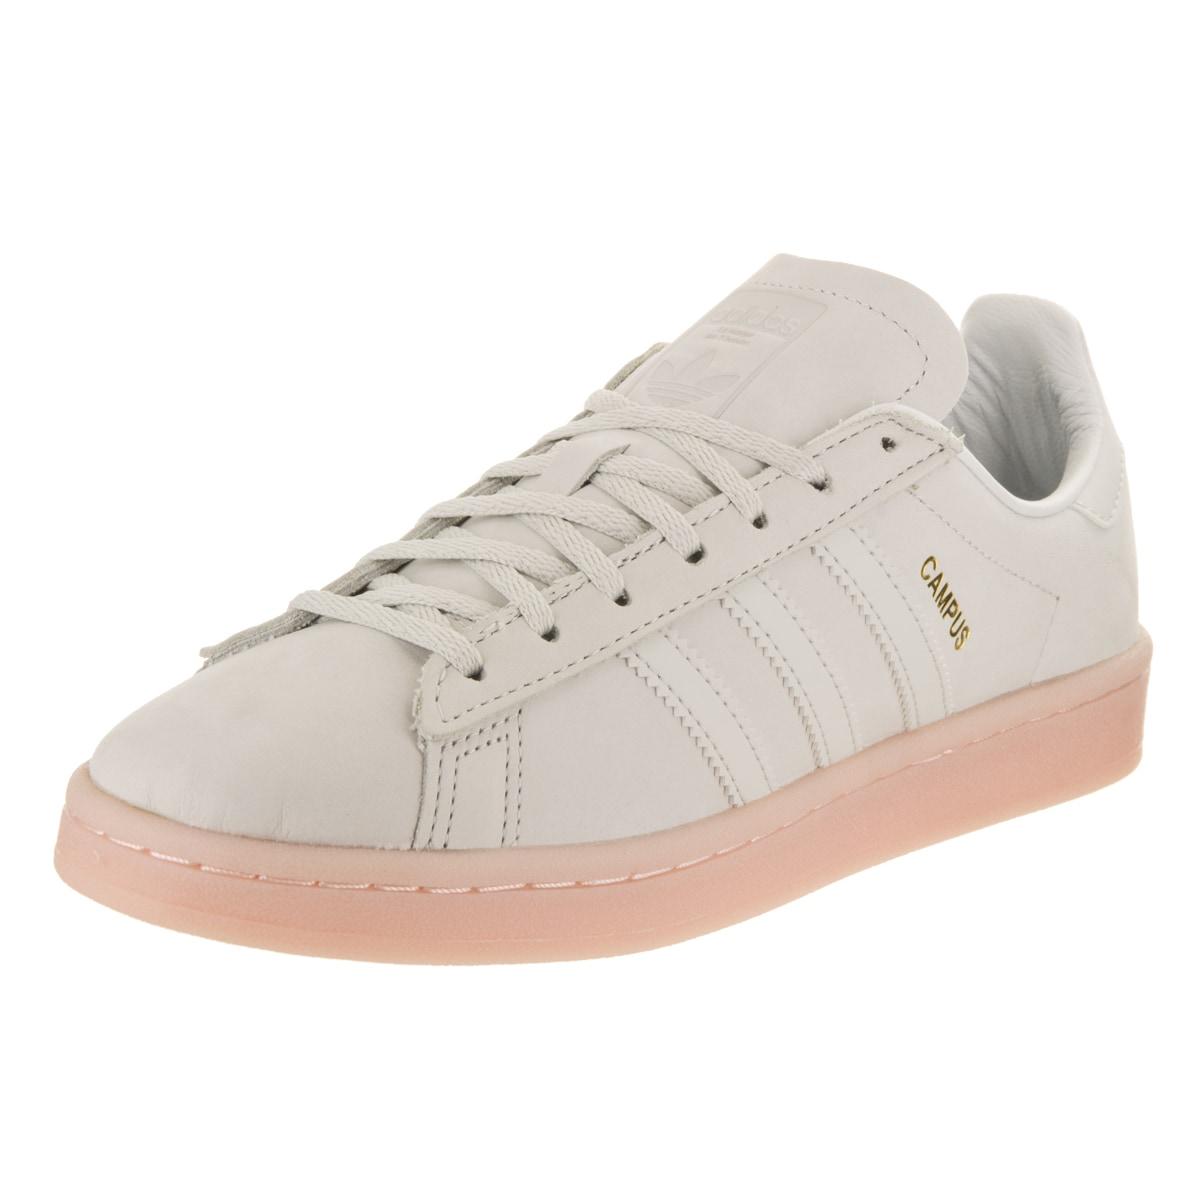 Shop Adidas Women s Campus Originals Casual Shoe - Free Shipping Today -  Overstock.com - 16850348 33da9378d